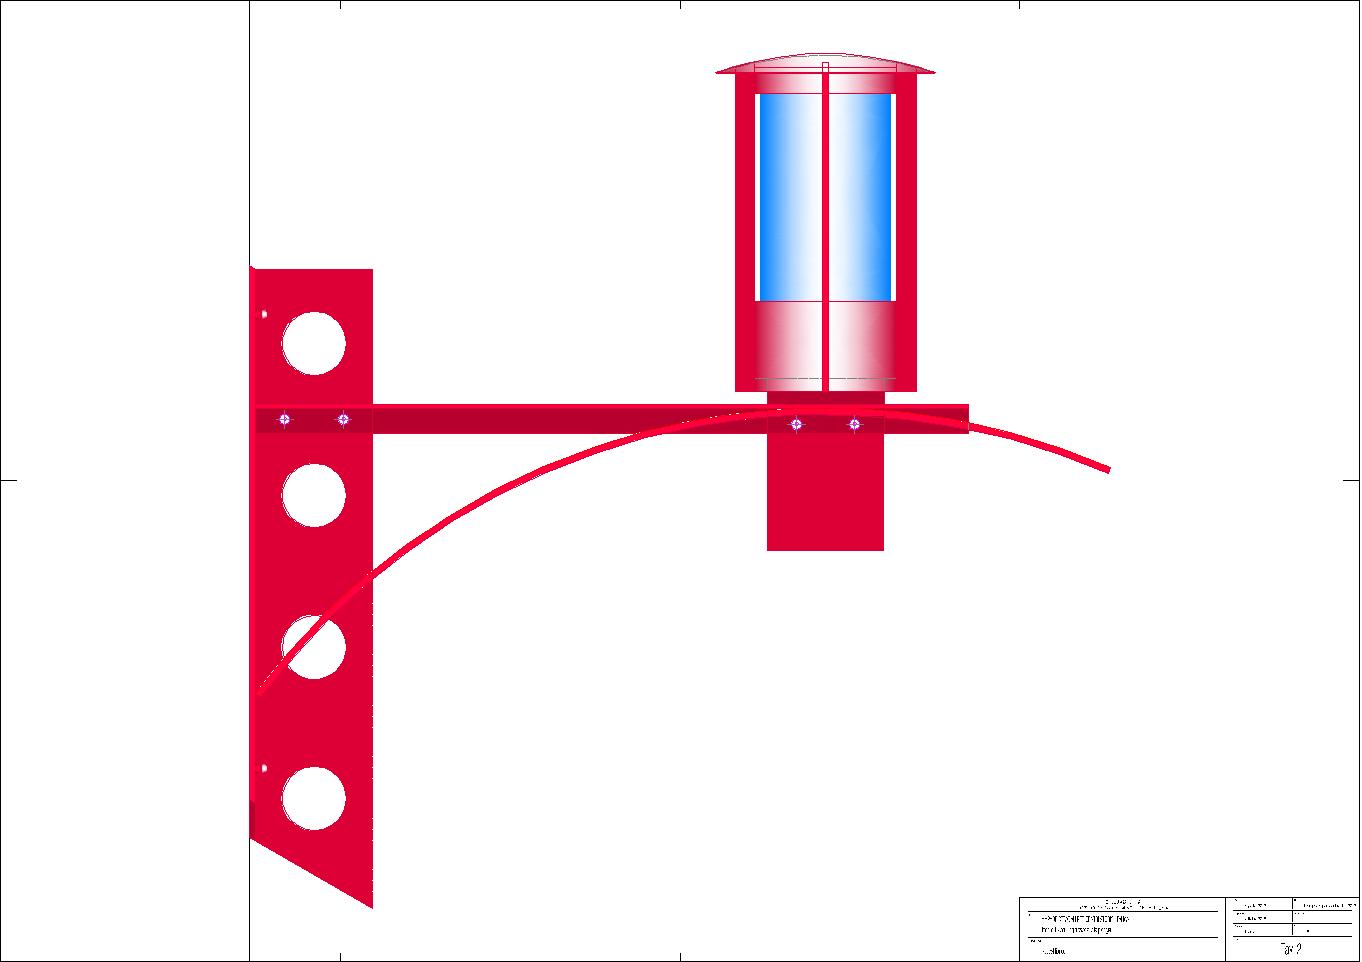 2-lampada-per-centro-sotrico-2013-copia-3-model